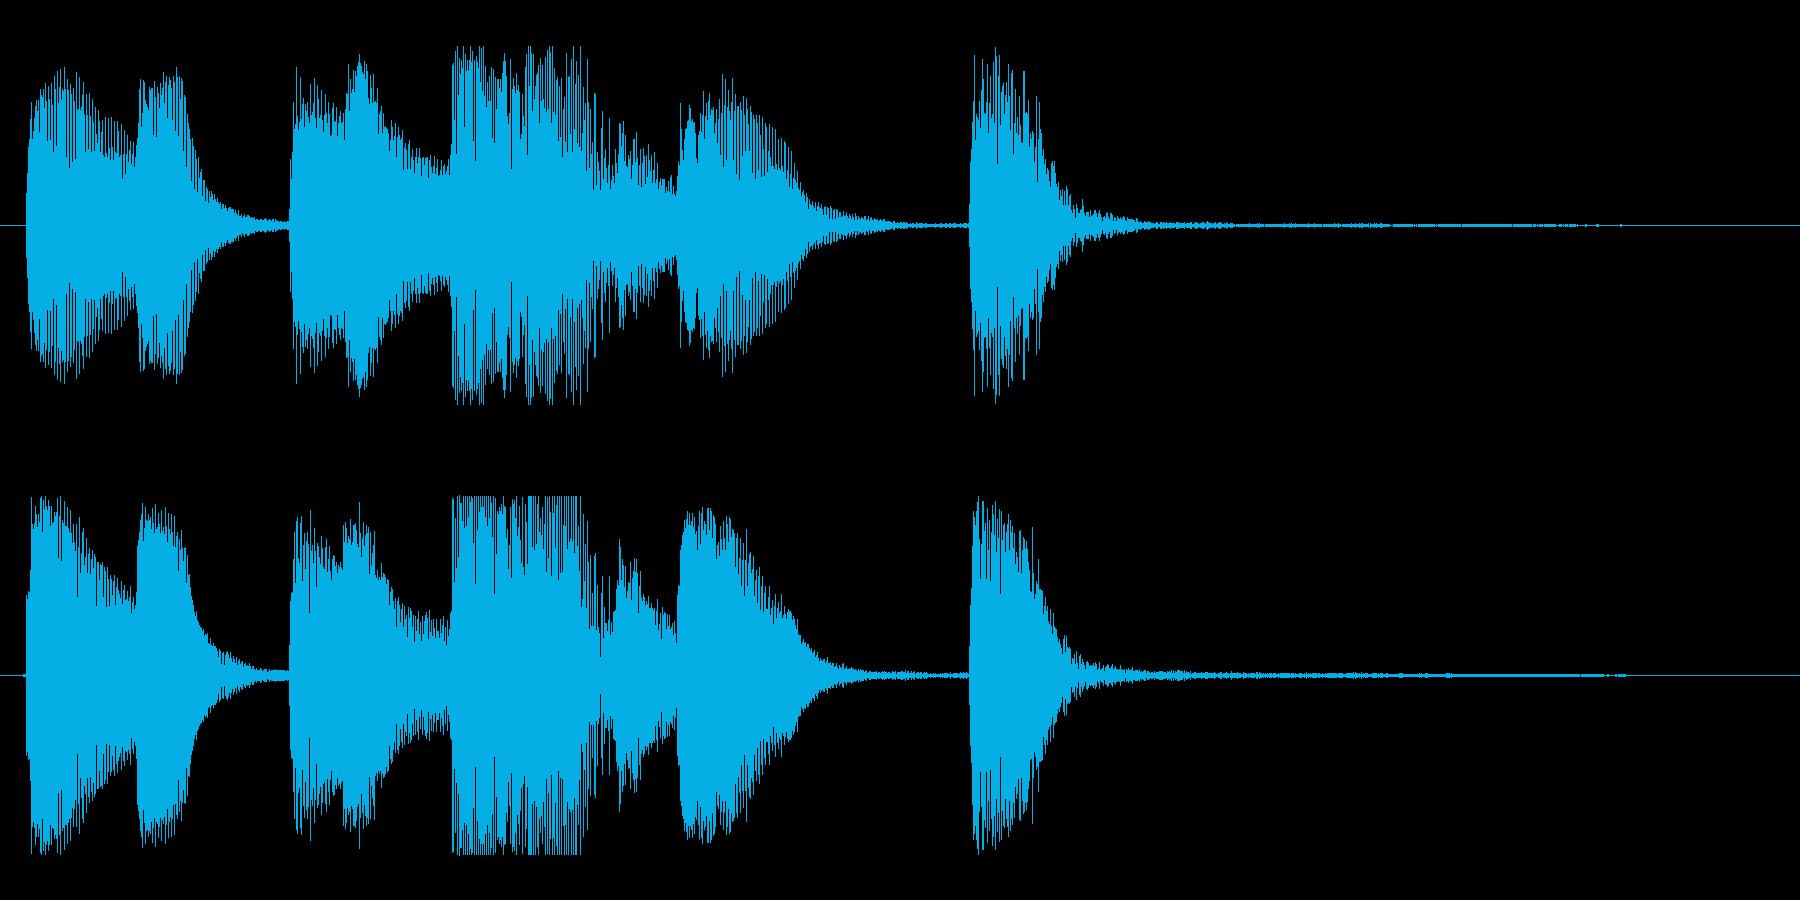 【バードランド1】の再生済みの波形